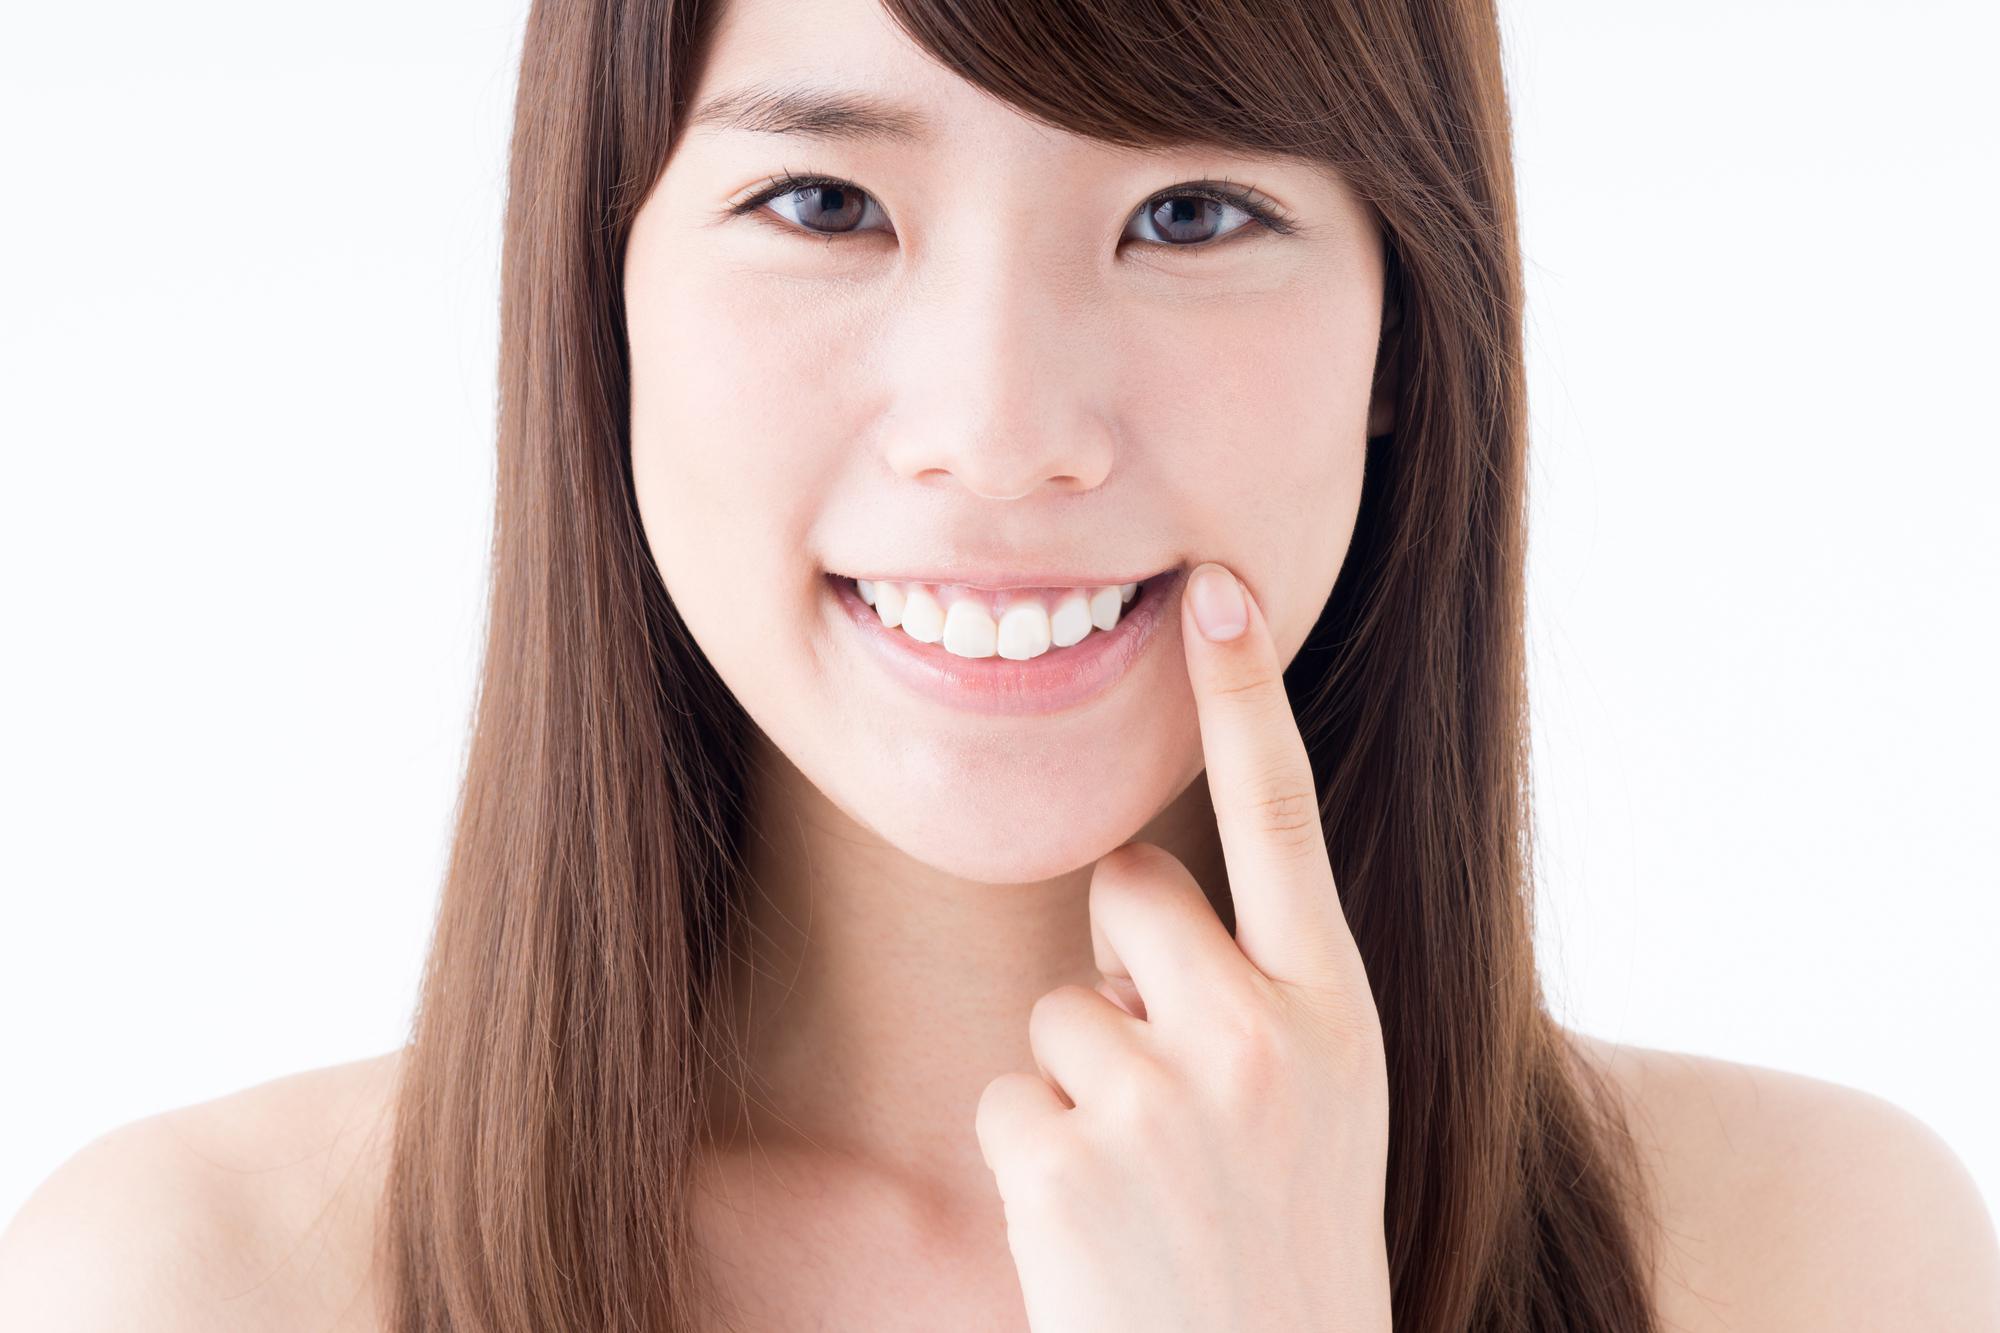 日本人の歯並びに対する意識や関心は?目立たない矯正器具も登場している!